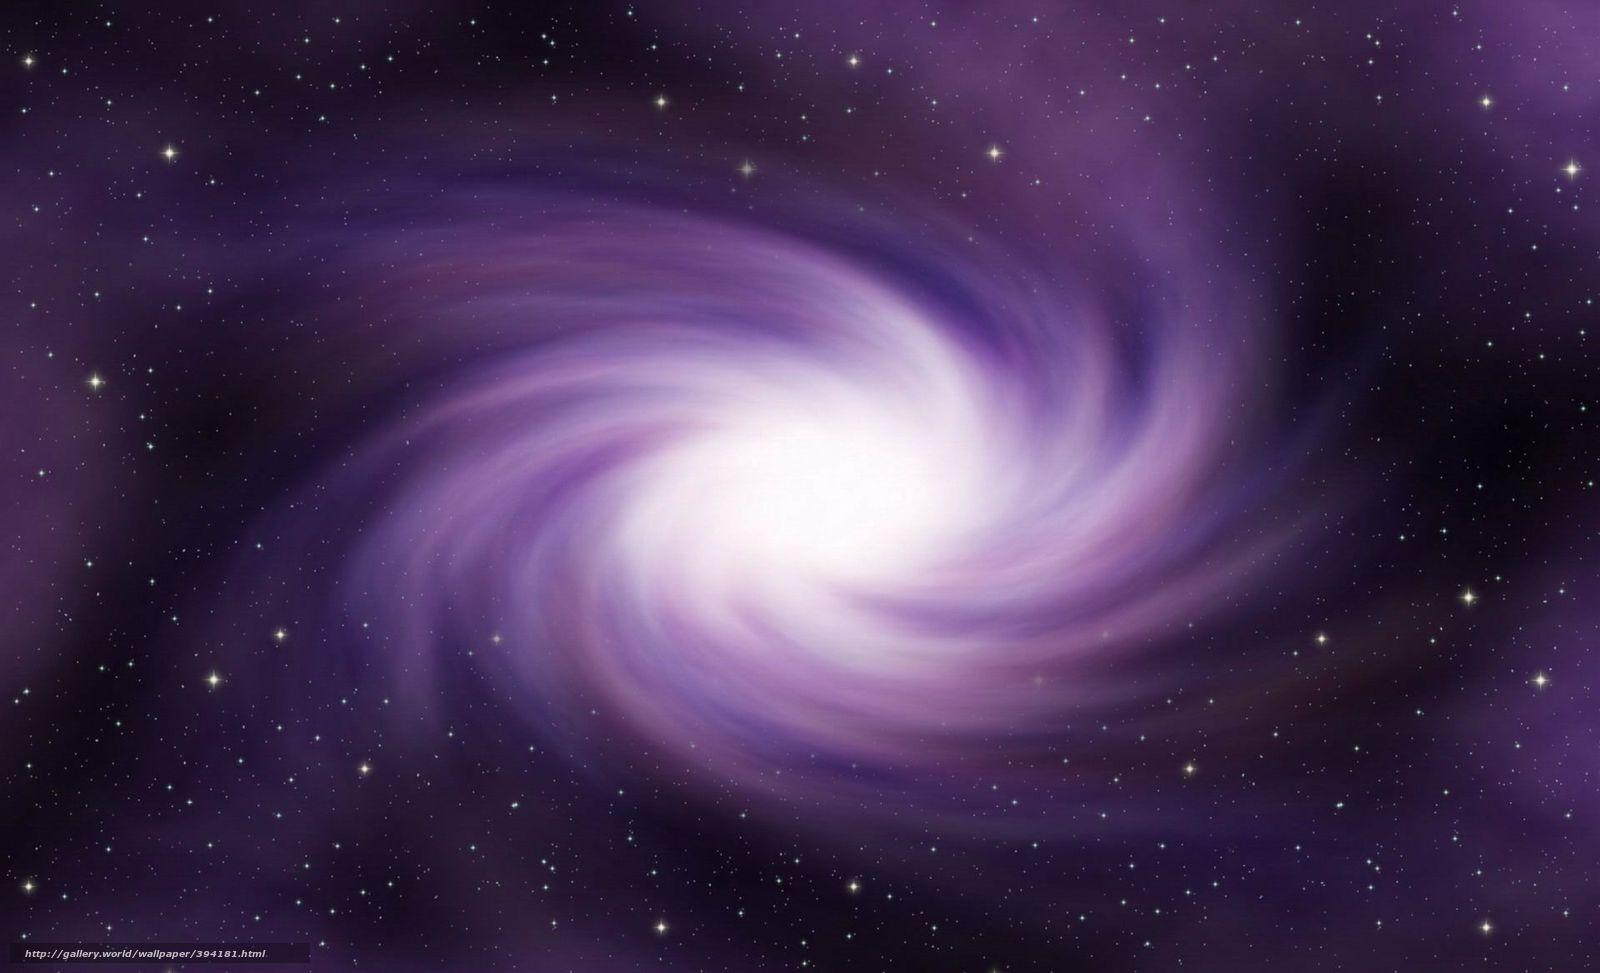 Scaricare gli sfondi spazio buco nero grande universo for Sfondi desktop universo